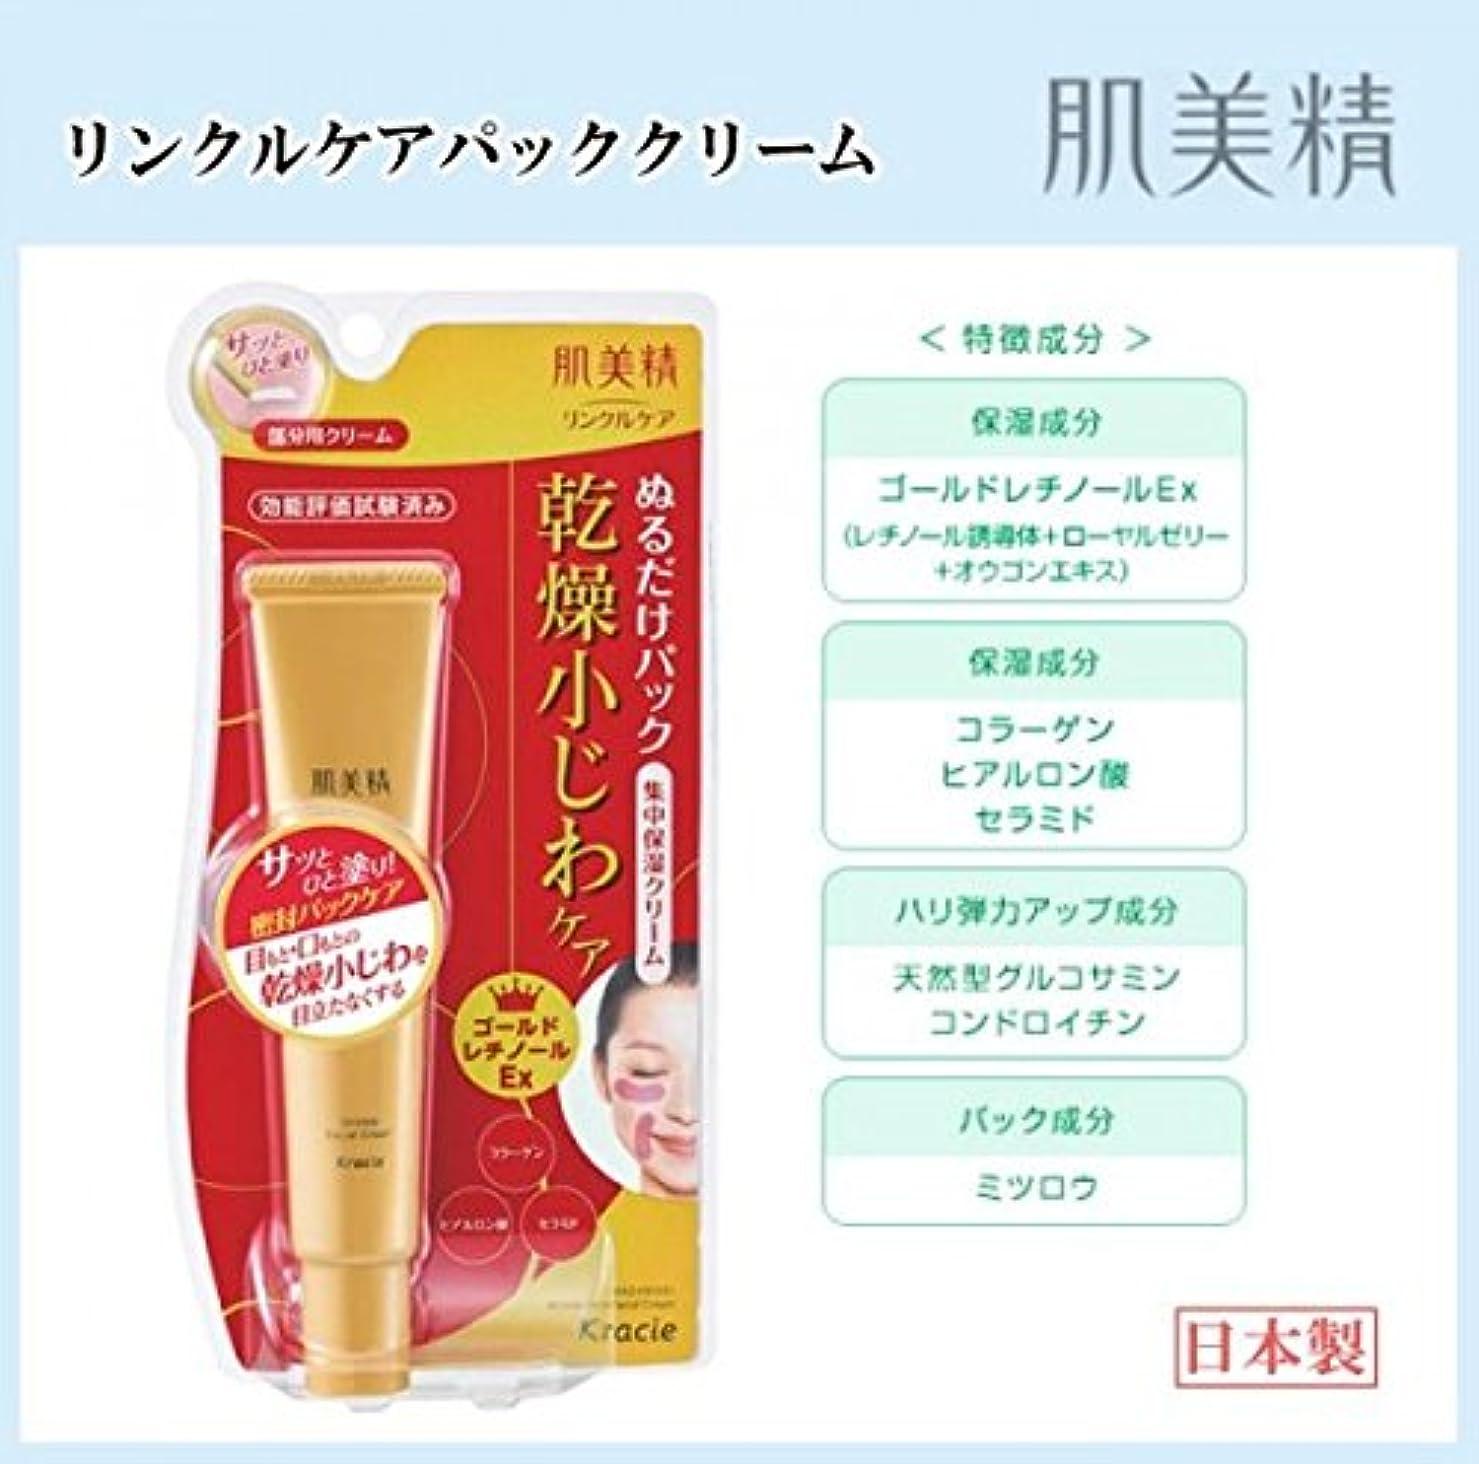 コンバーチブル憤る矩形【クラシエ】肌美精 リフト保湿リンクルパッククリーム 30g